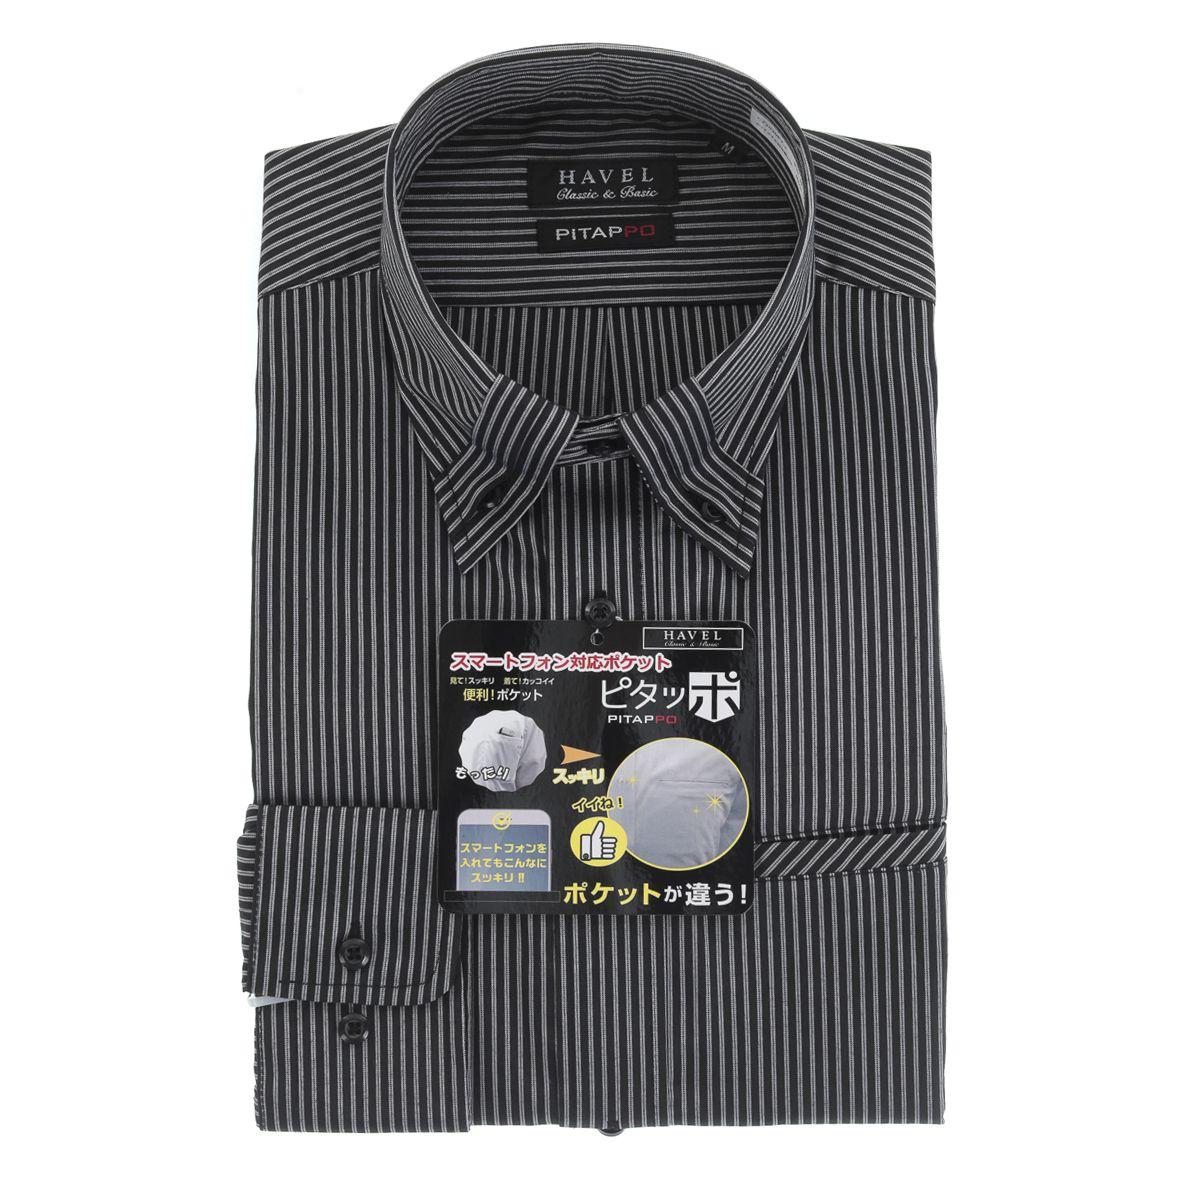 ピタッポ・形態安定 マイターボタンダウン ワイシャツ 長袖 【HAVEL Classic & Basic】